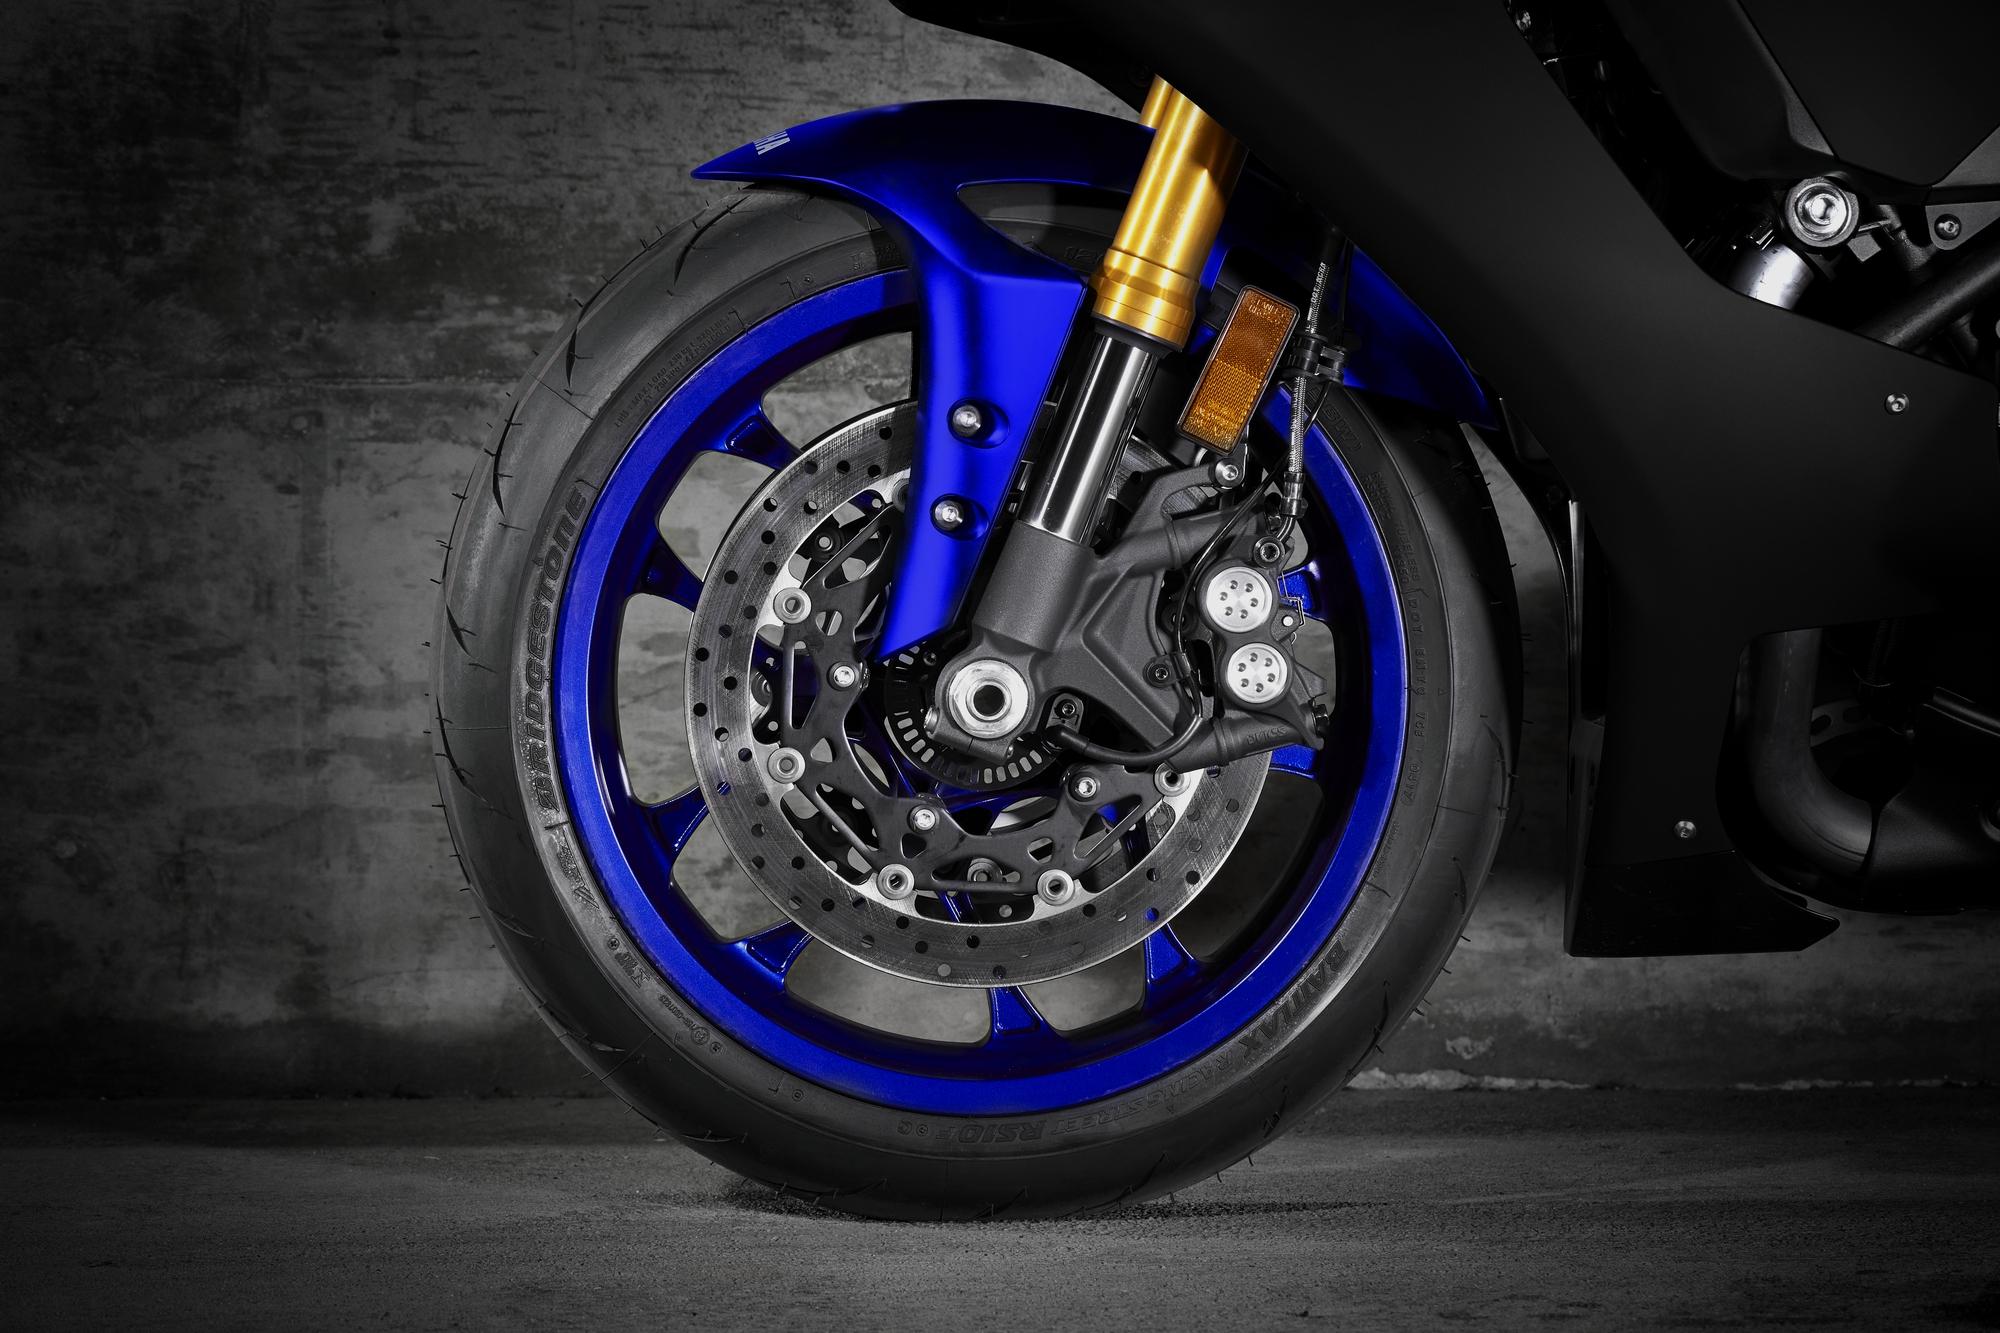 Yzf R1 Teknik özellikler Yamaha Motor